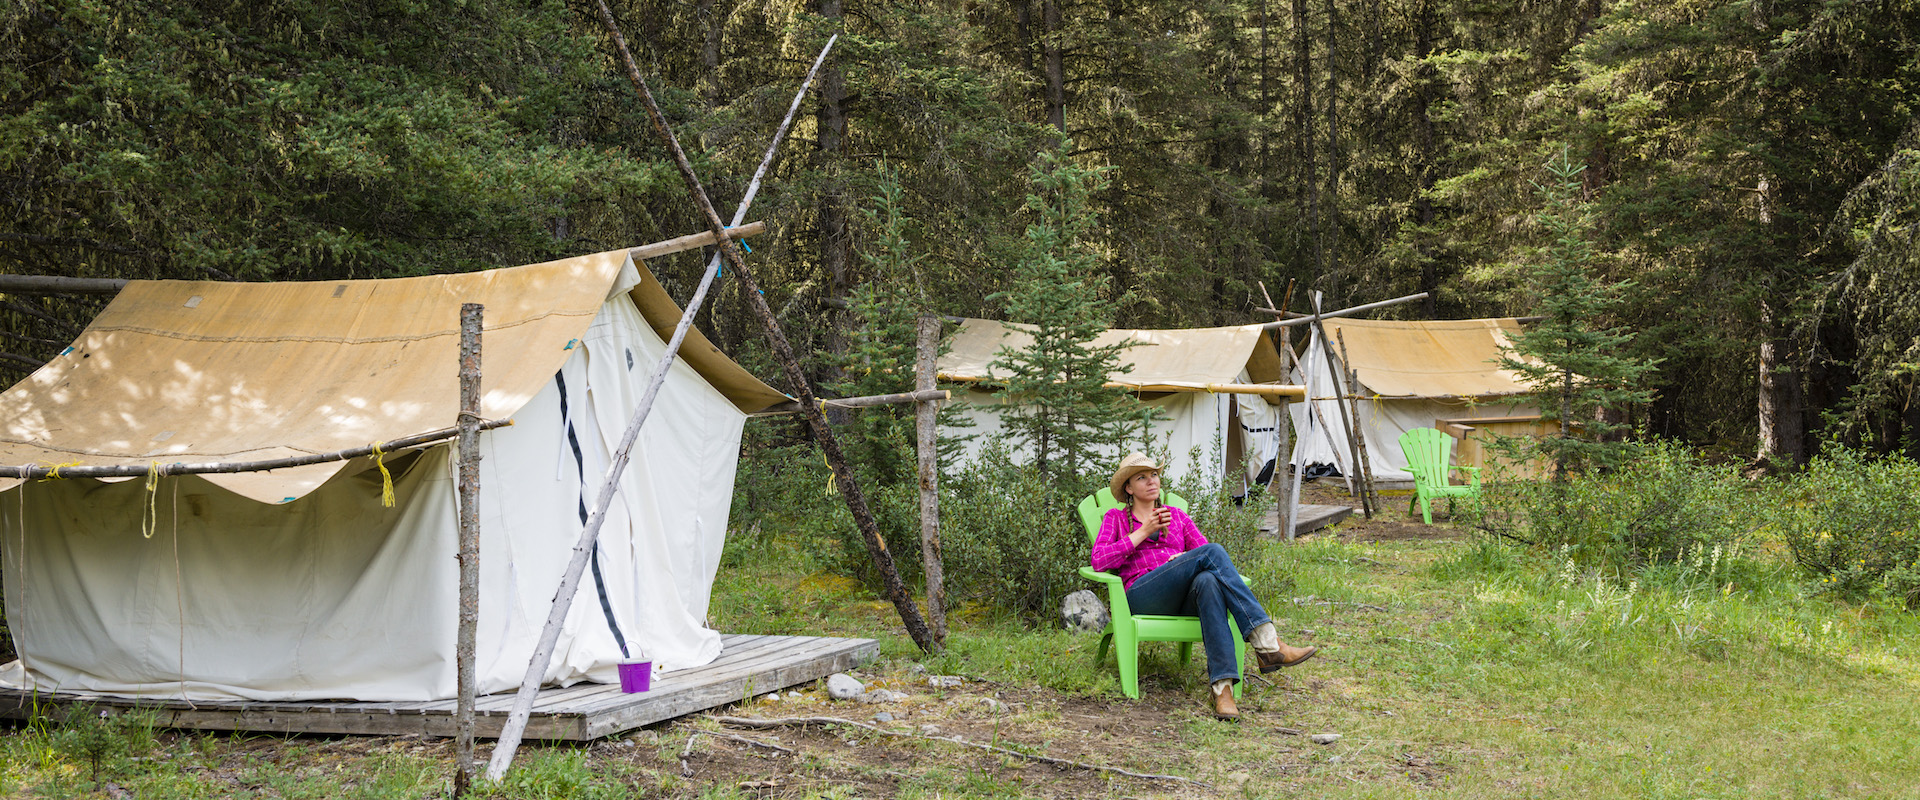 Campsites